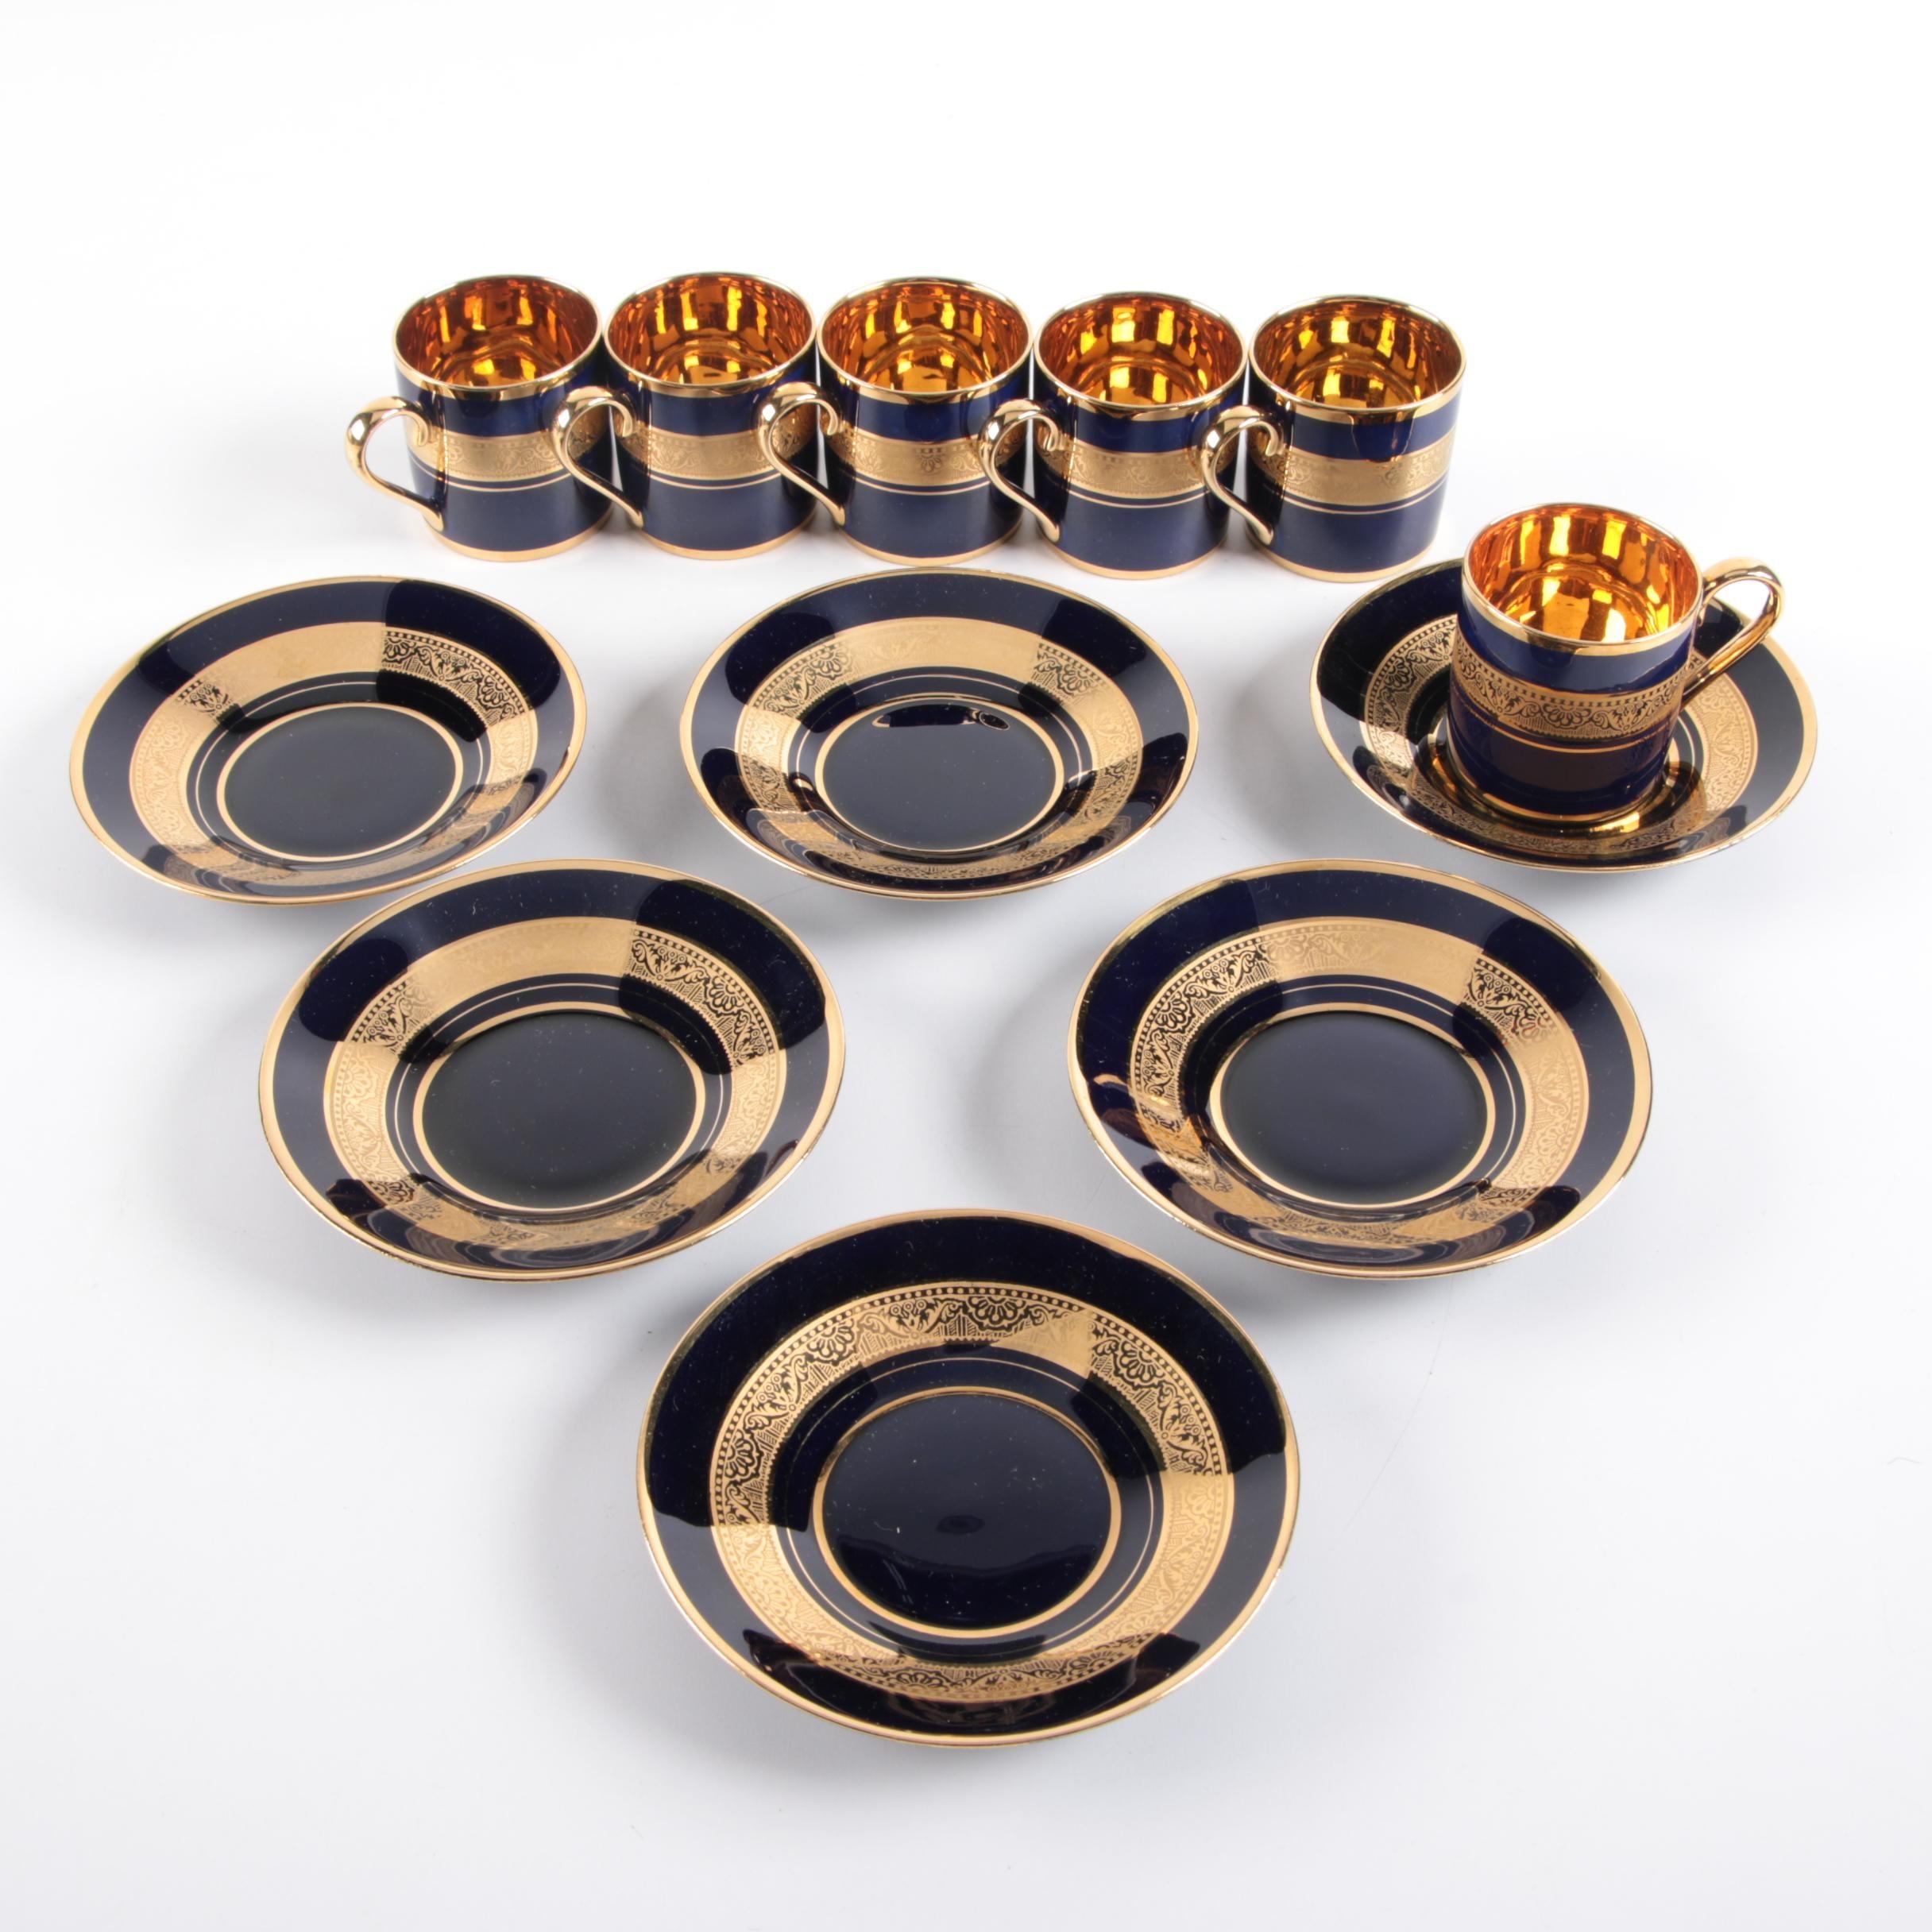 Legle Porcelain d'Art Limoges Porcelain Cobalt and Gold Teacups and Saucers